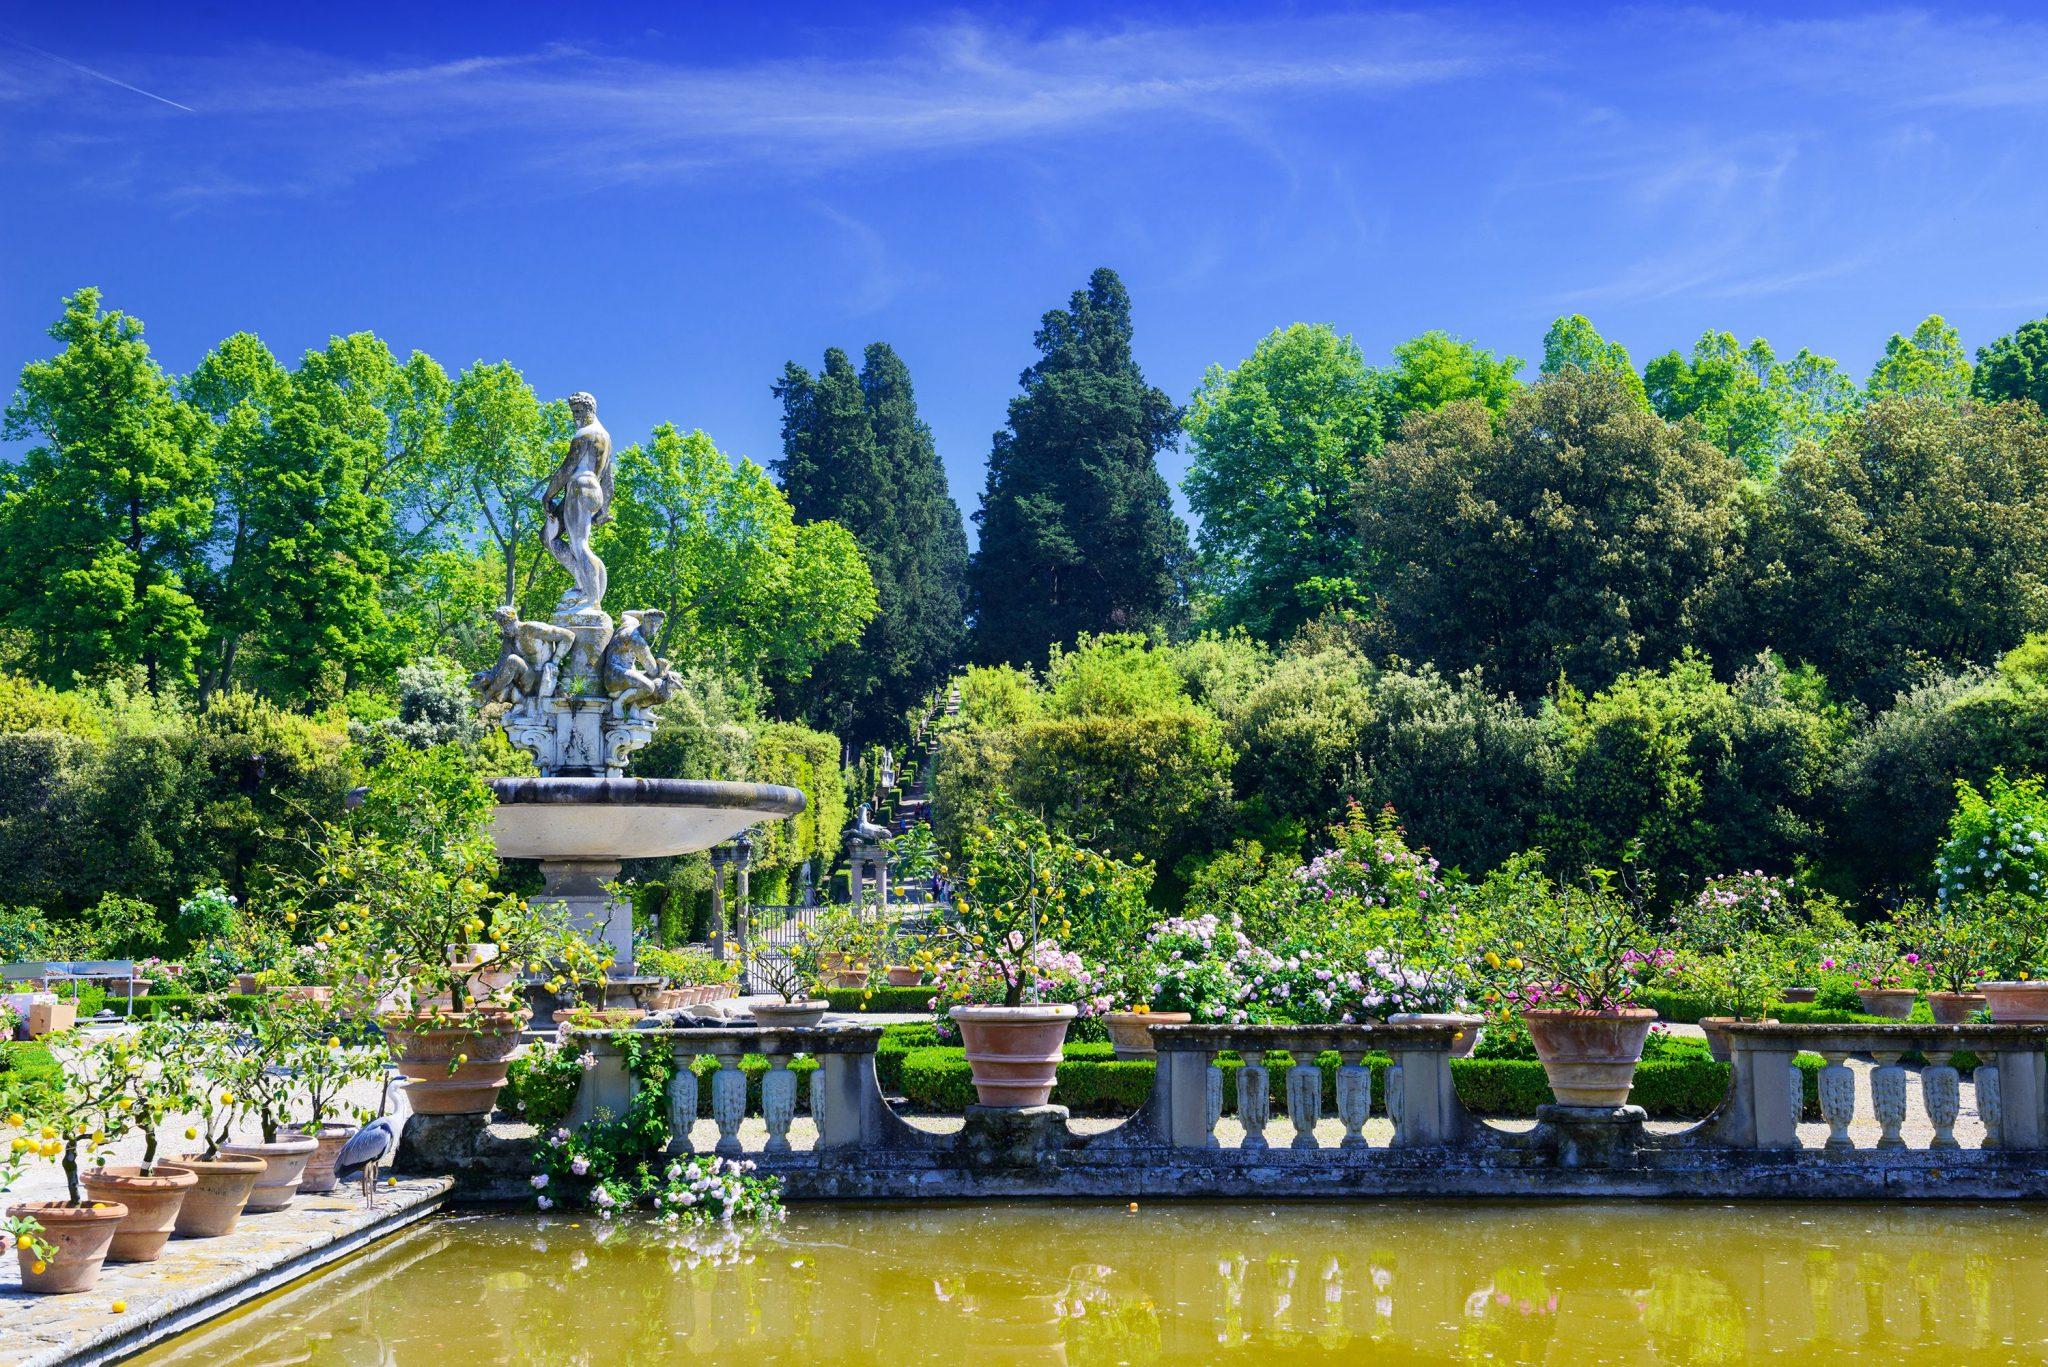 Κήποι Μπόμπολι, Φλωρεντία, Ιταλία, Ευρώπη